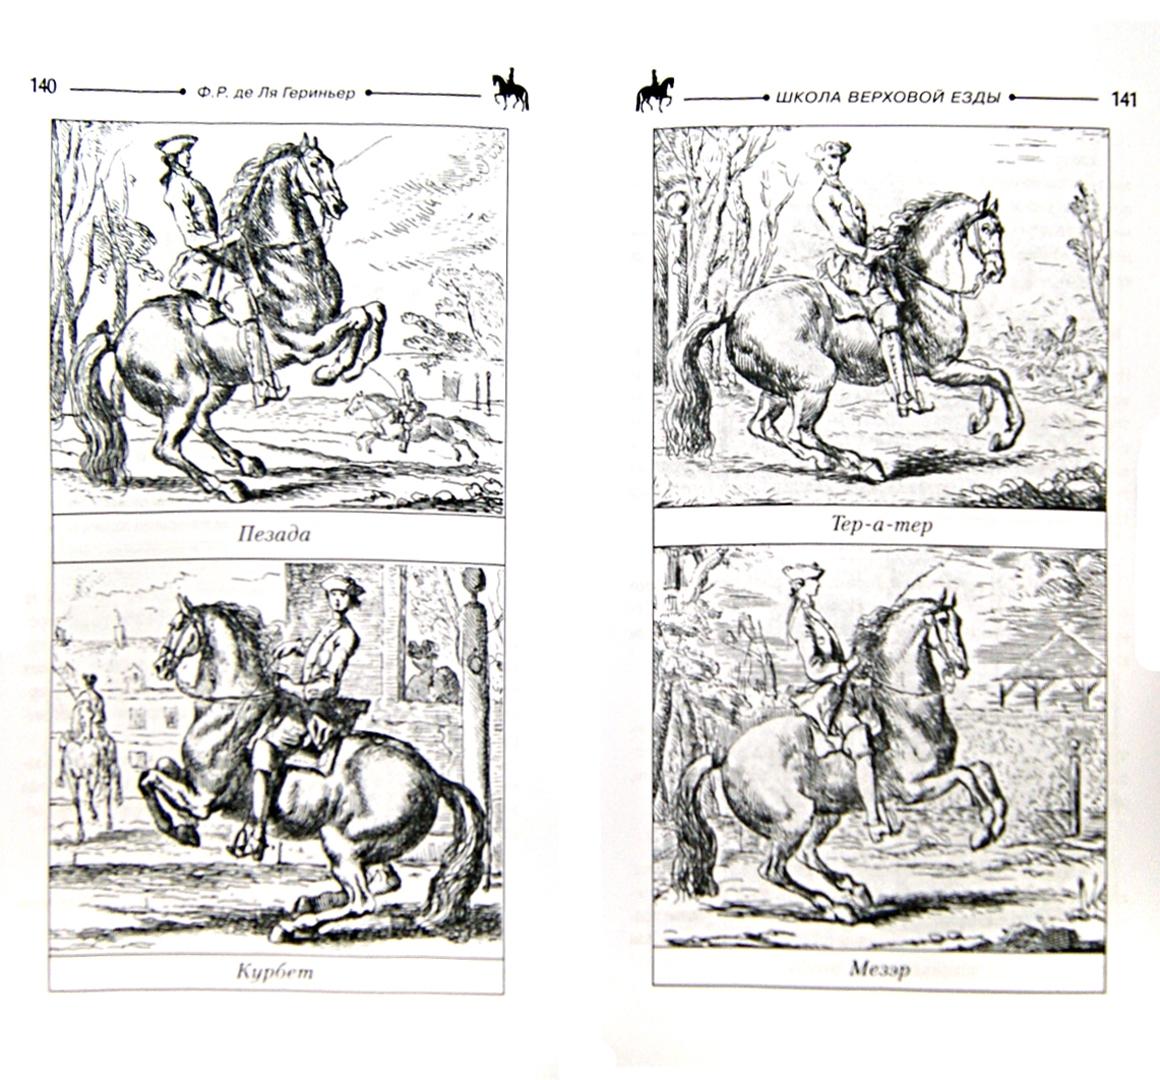 Иллюстрация 1 из 13 для Конная библия. Школа верховой езды - Де Ля Гериньер Франсуа Робишон   Лабиринт - книги. Источник: Лабиринт